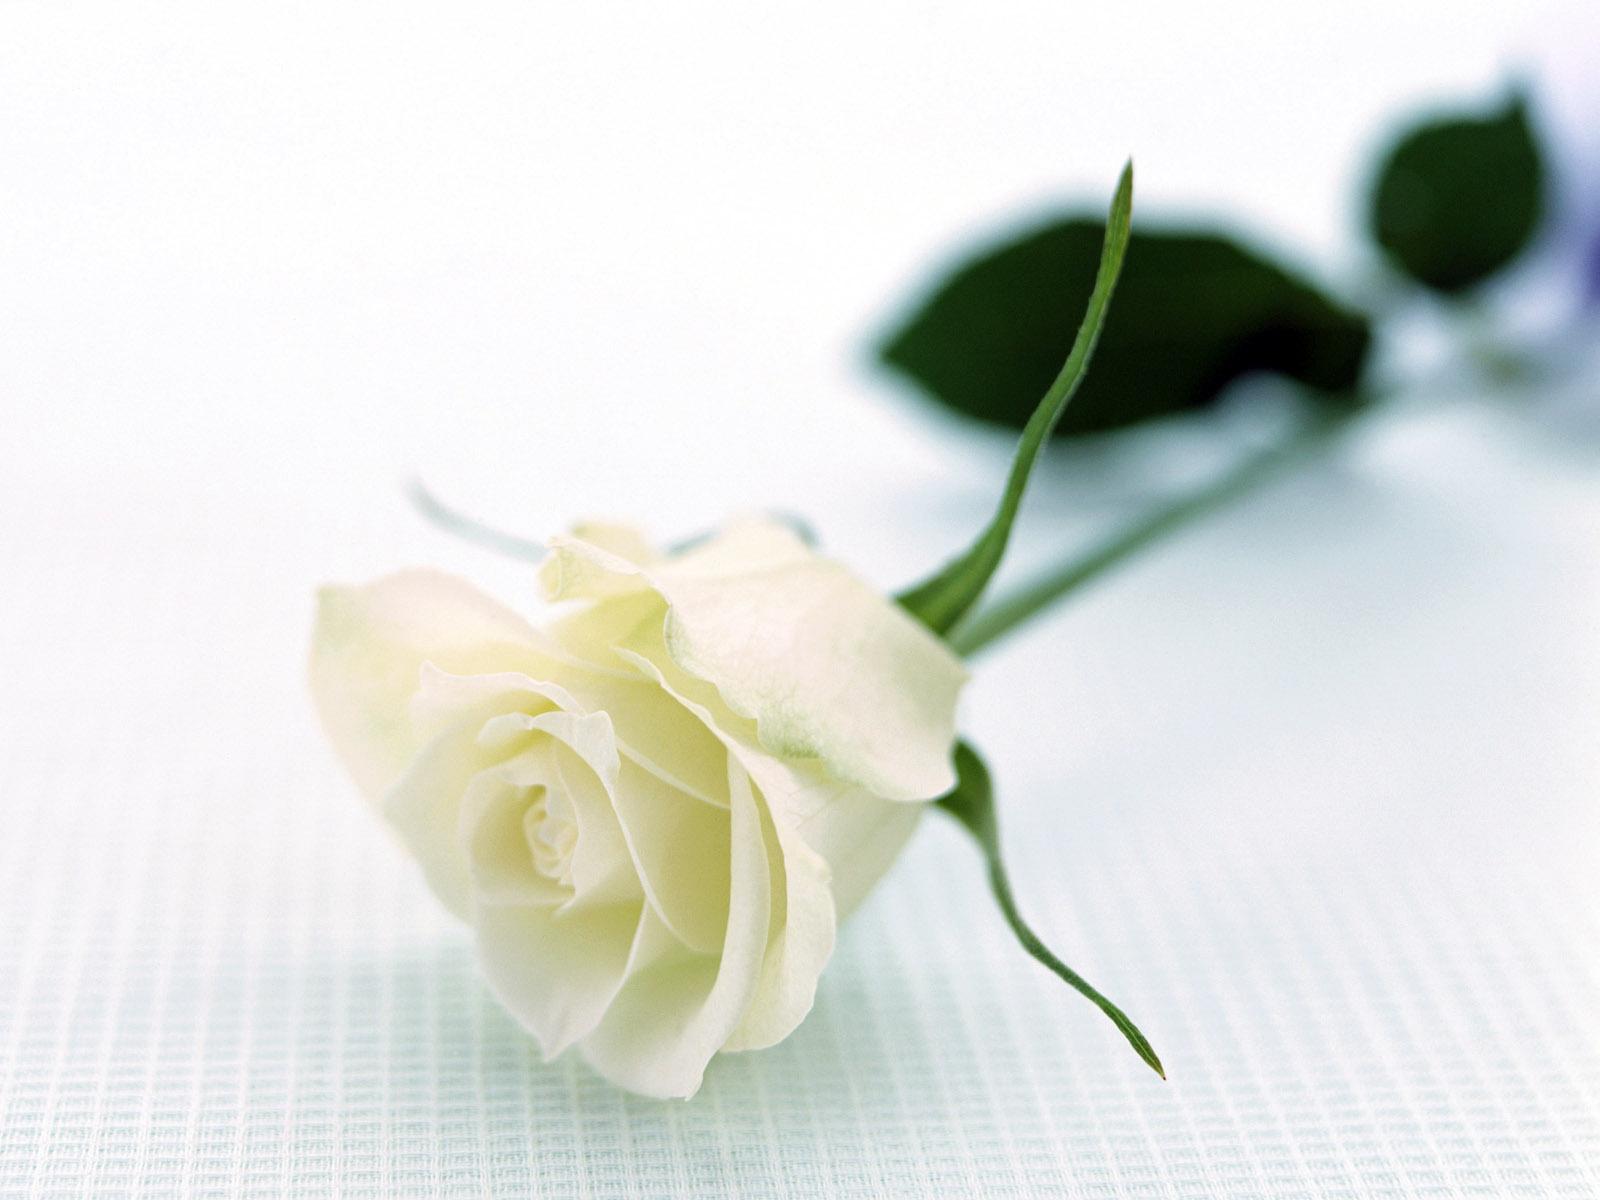 வால்பேப்பர்கள் ( flowers wallpapers ) 01 - Page 12 Nature_Flowers_Resting_Rose__Flowers_008326_